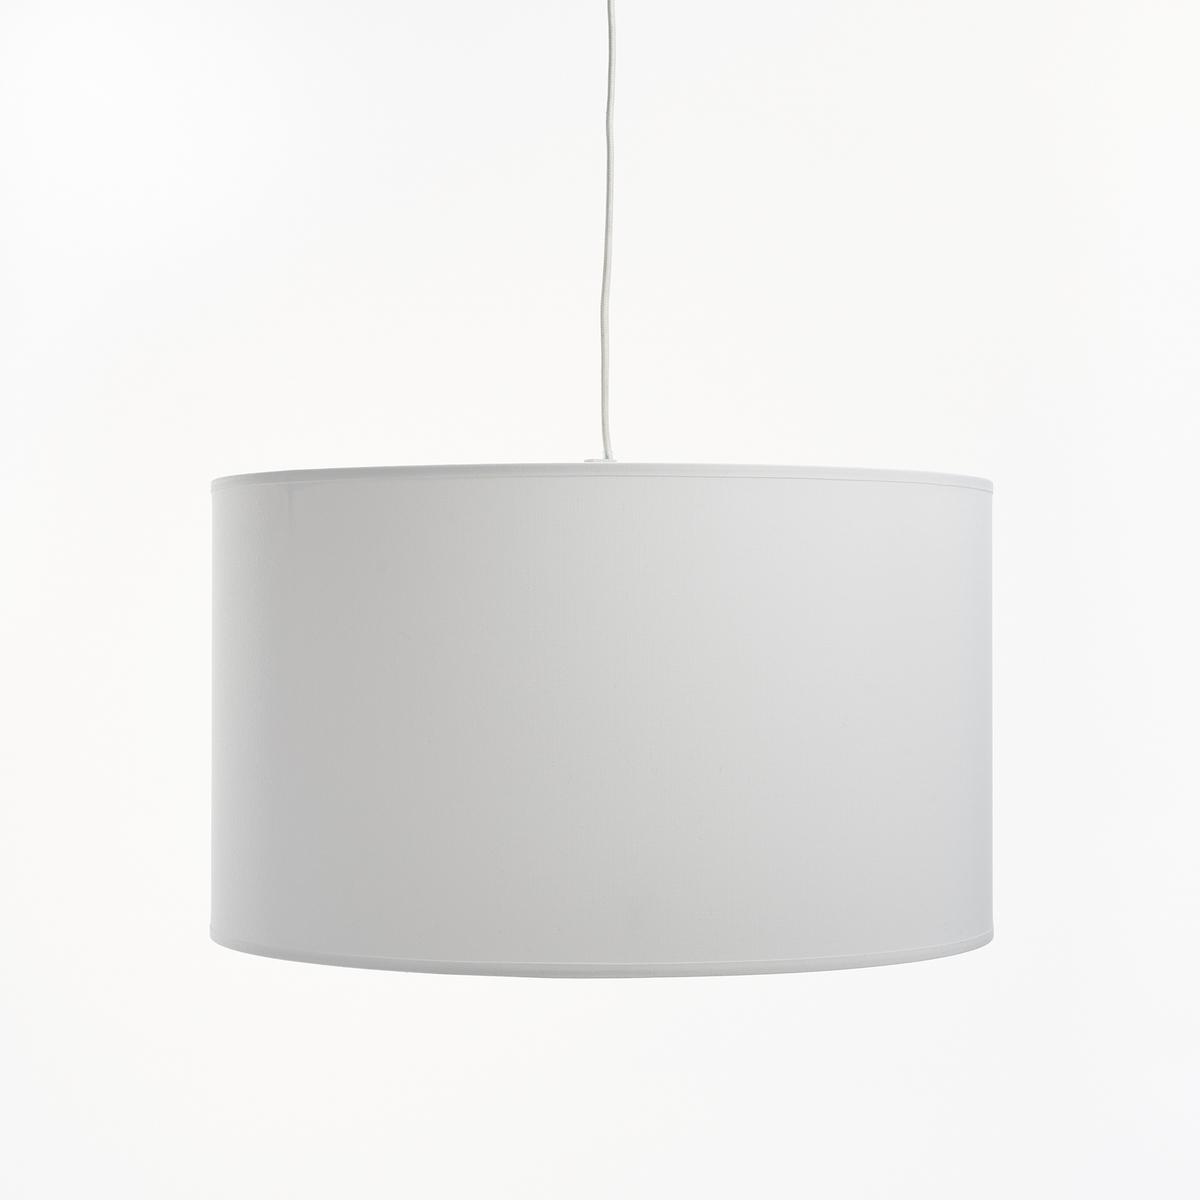 Светильник или абажур ø 40 см FALKE абажур войной из хлопка epilogon диаметр 40 см